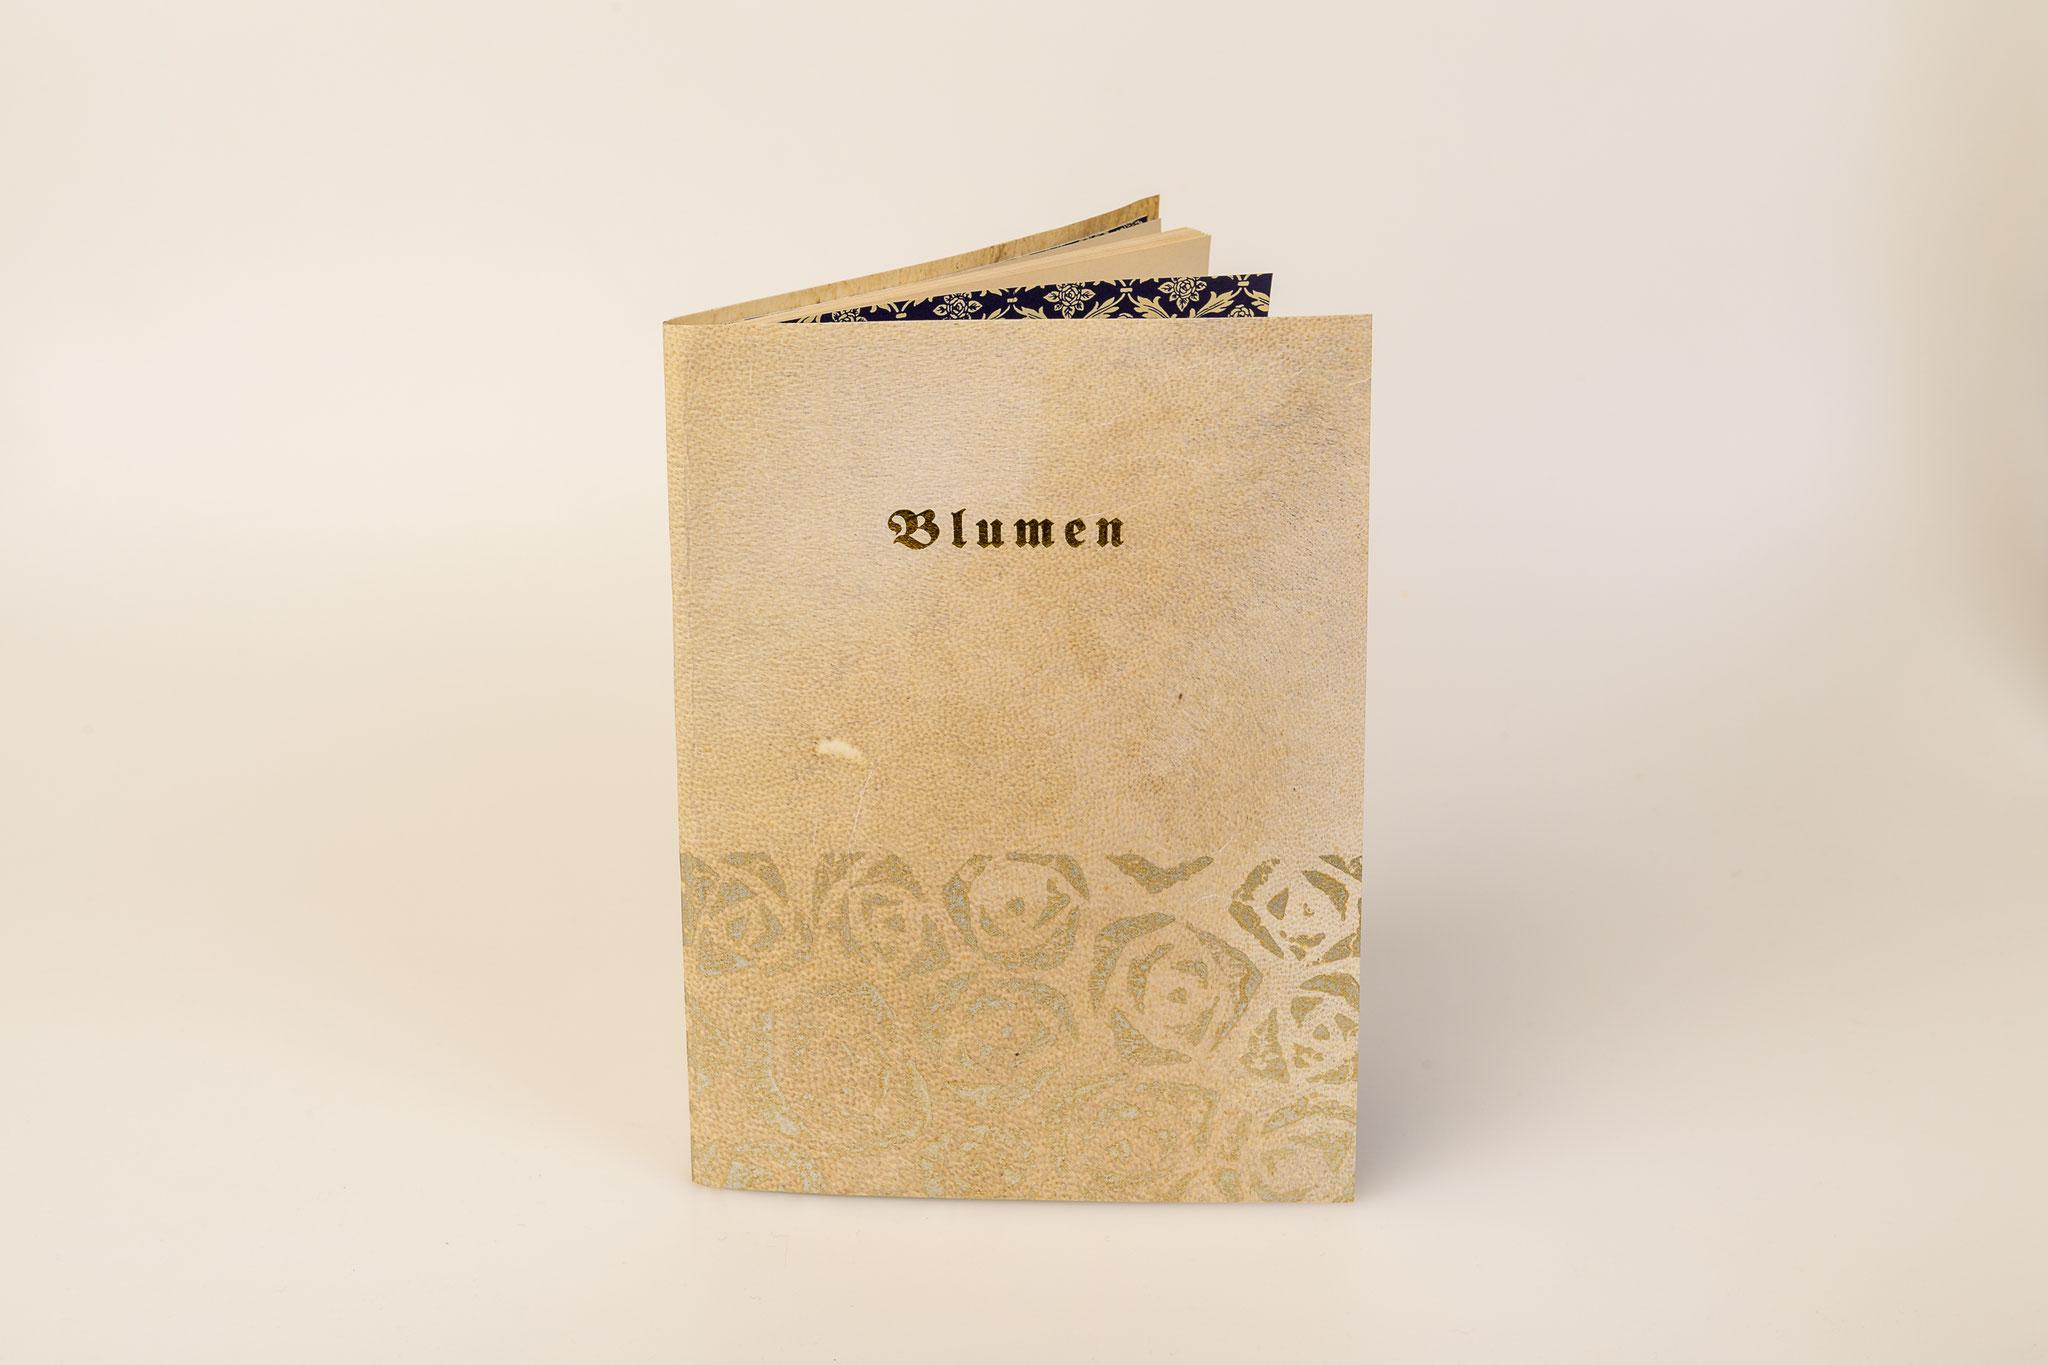 Blumen, Gedichte, illustriert von J.L. Gampp, Pergamentbroschur, bedruckt, Goldtitel, Euro 230.-